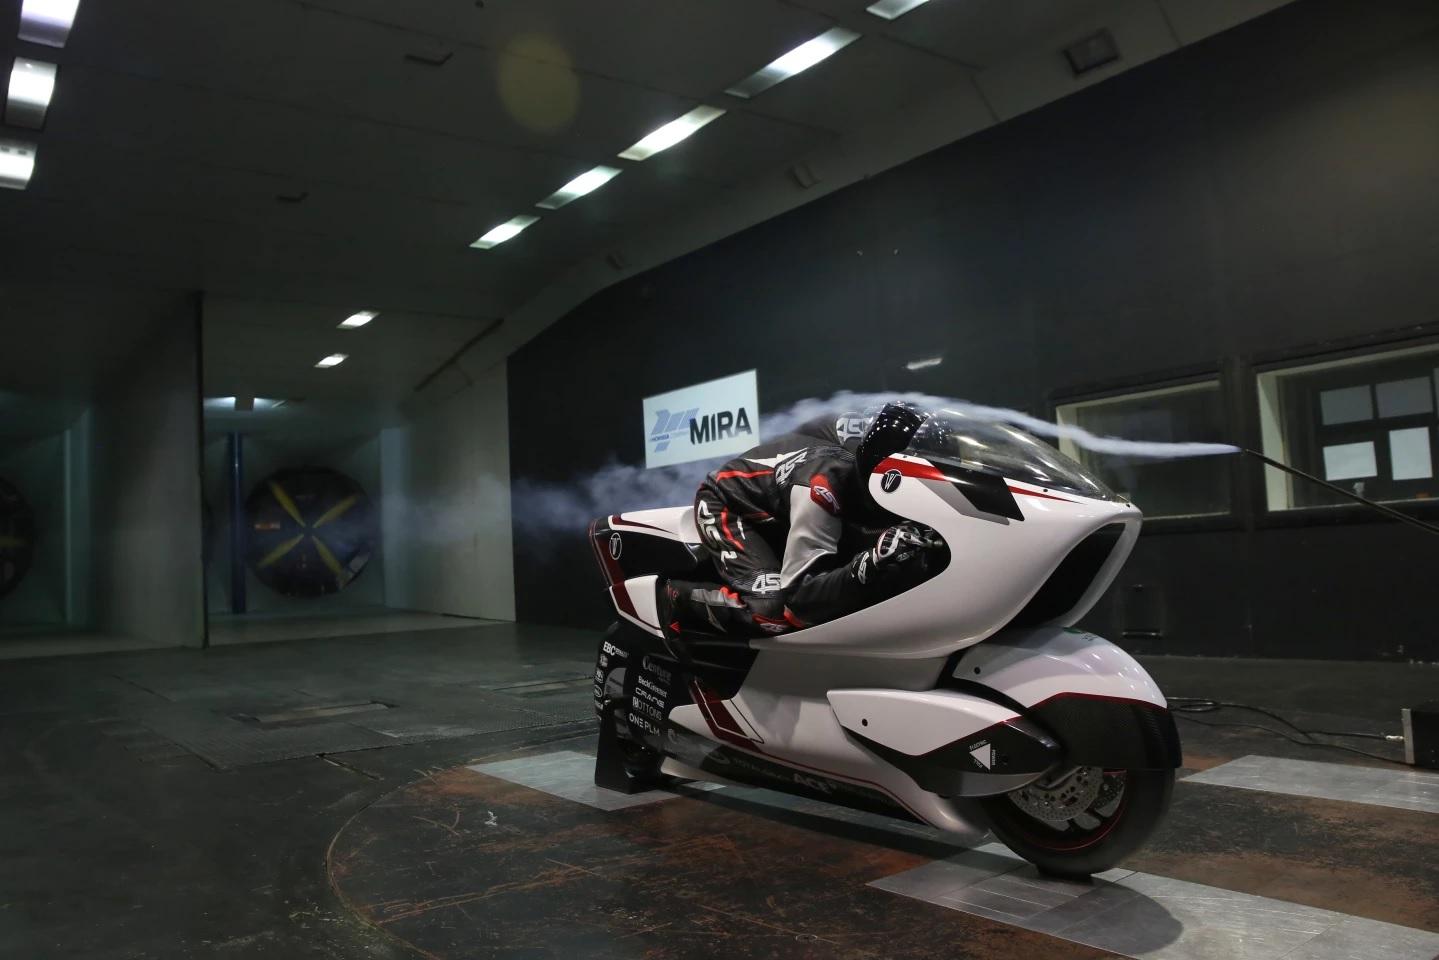 موتورسیکلت الکتریکی که ثبت رکورد سرعت 402 کیلومتر در ساعت را هدف قرار داده است (+فیلم و عکس)